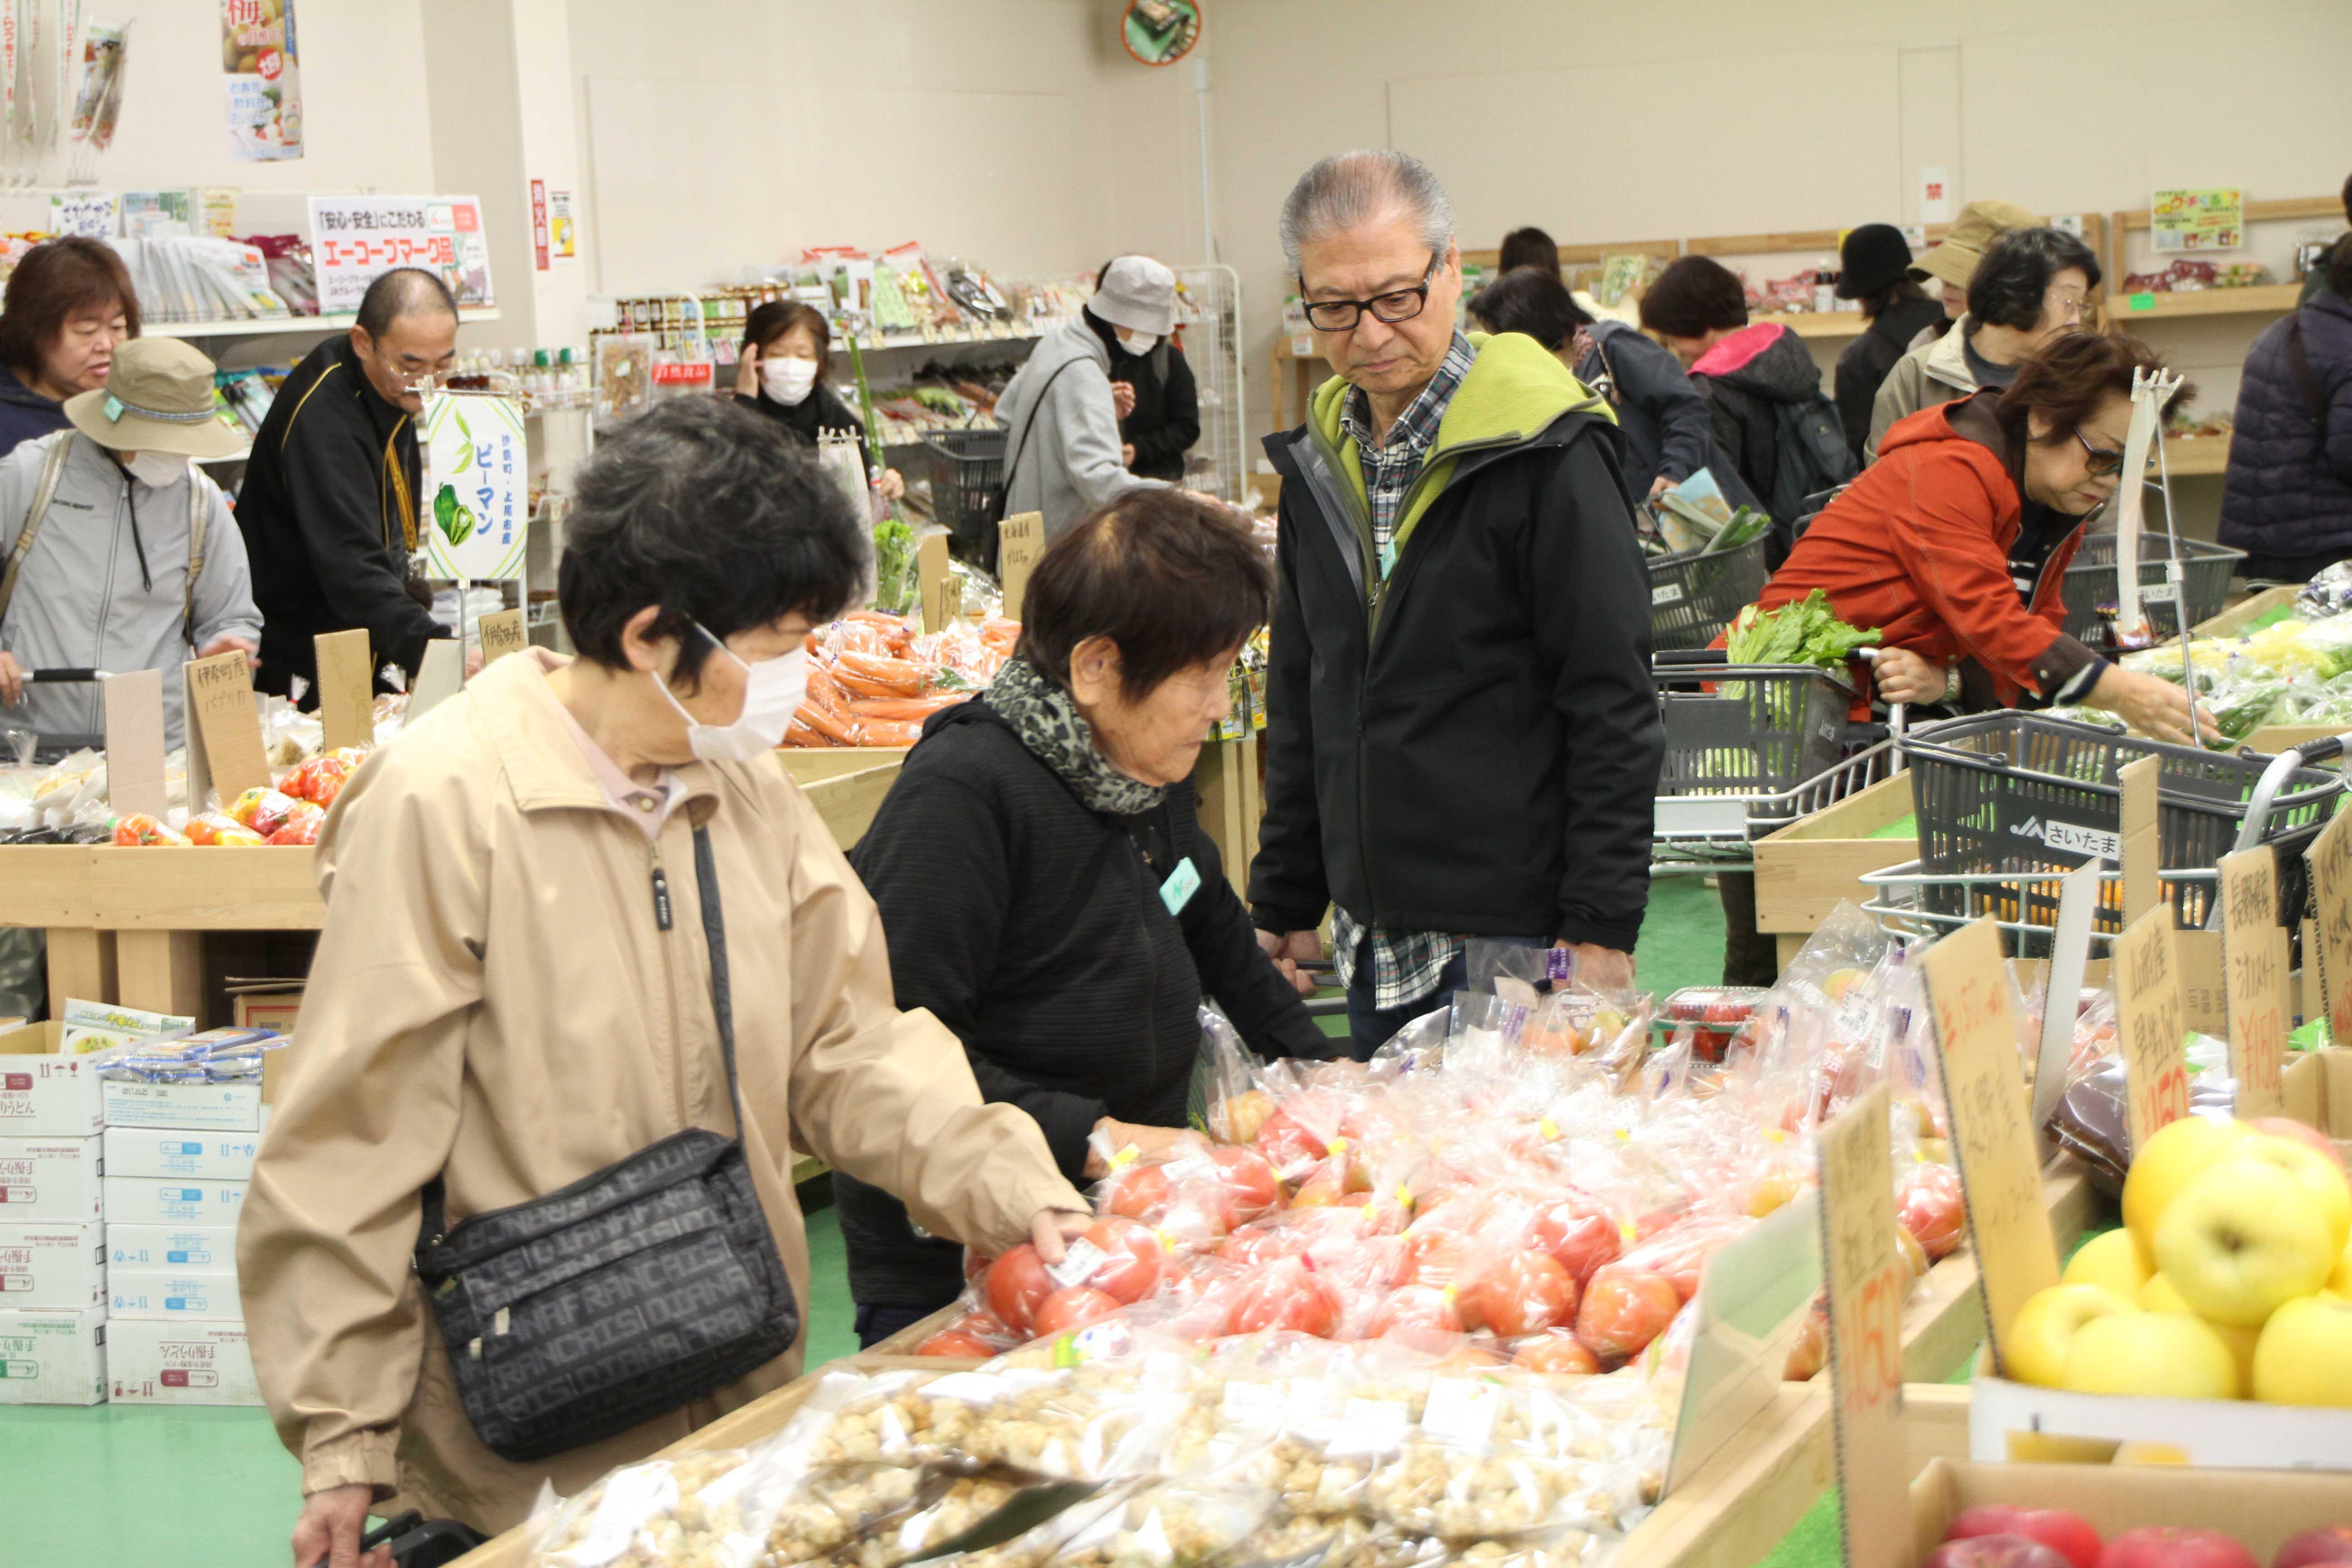 P5左下 「埼玉県内のJA直売所へ行こう!」を満喫